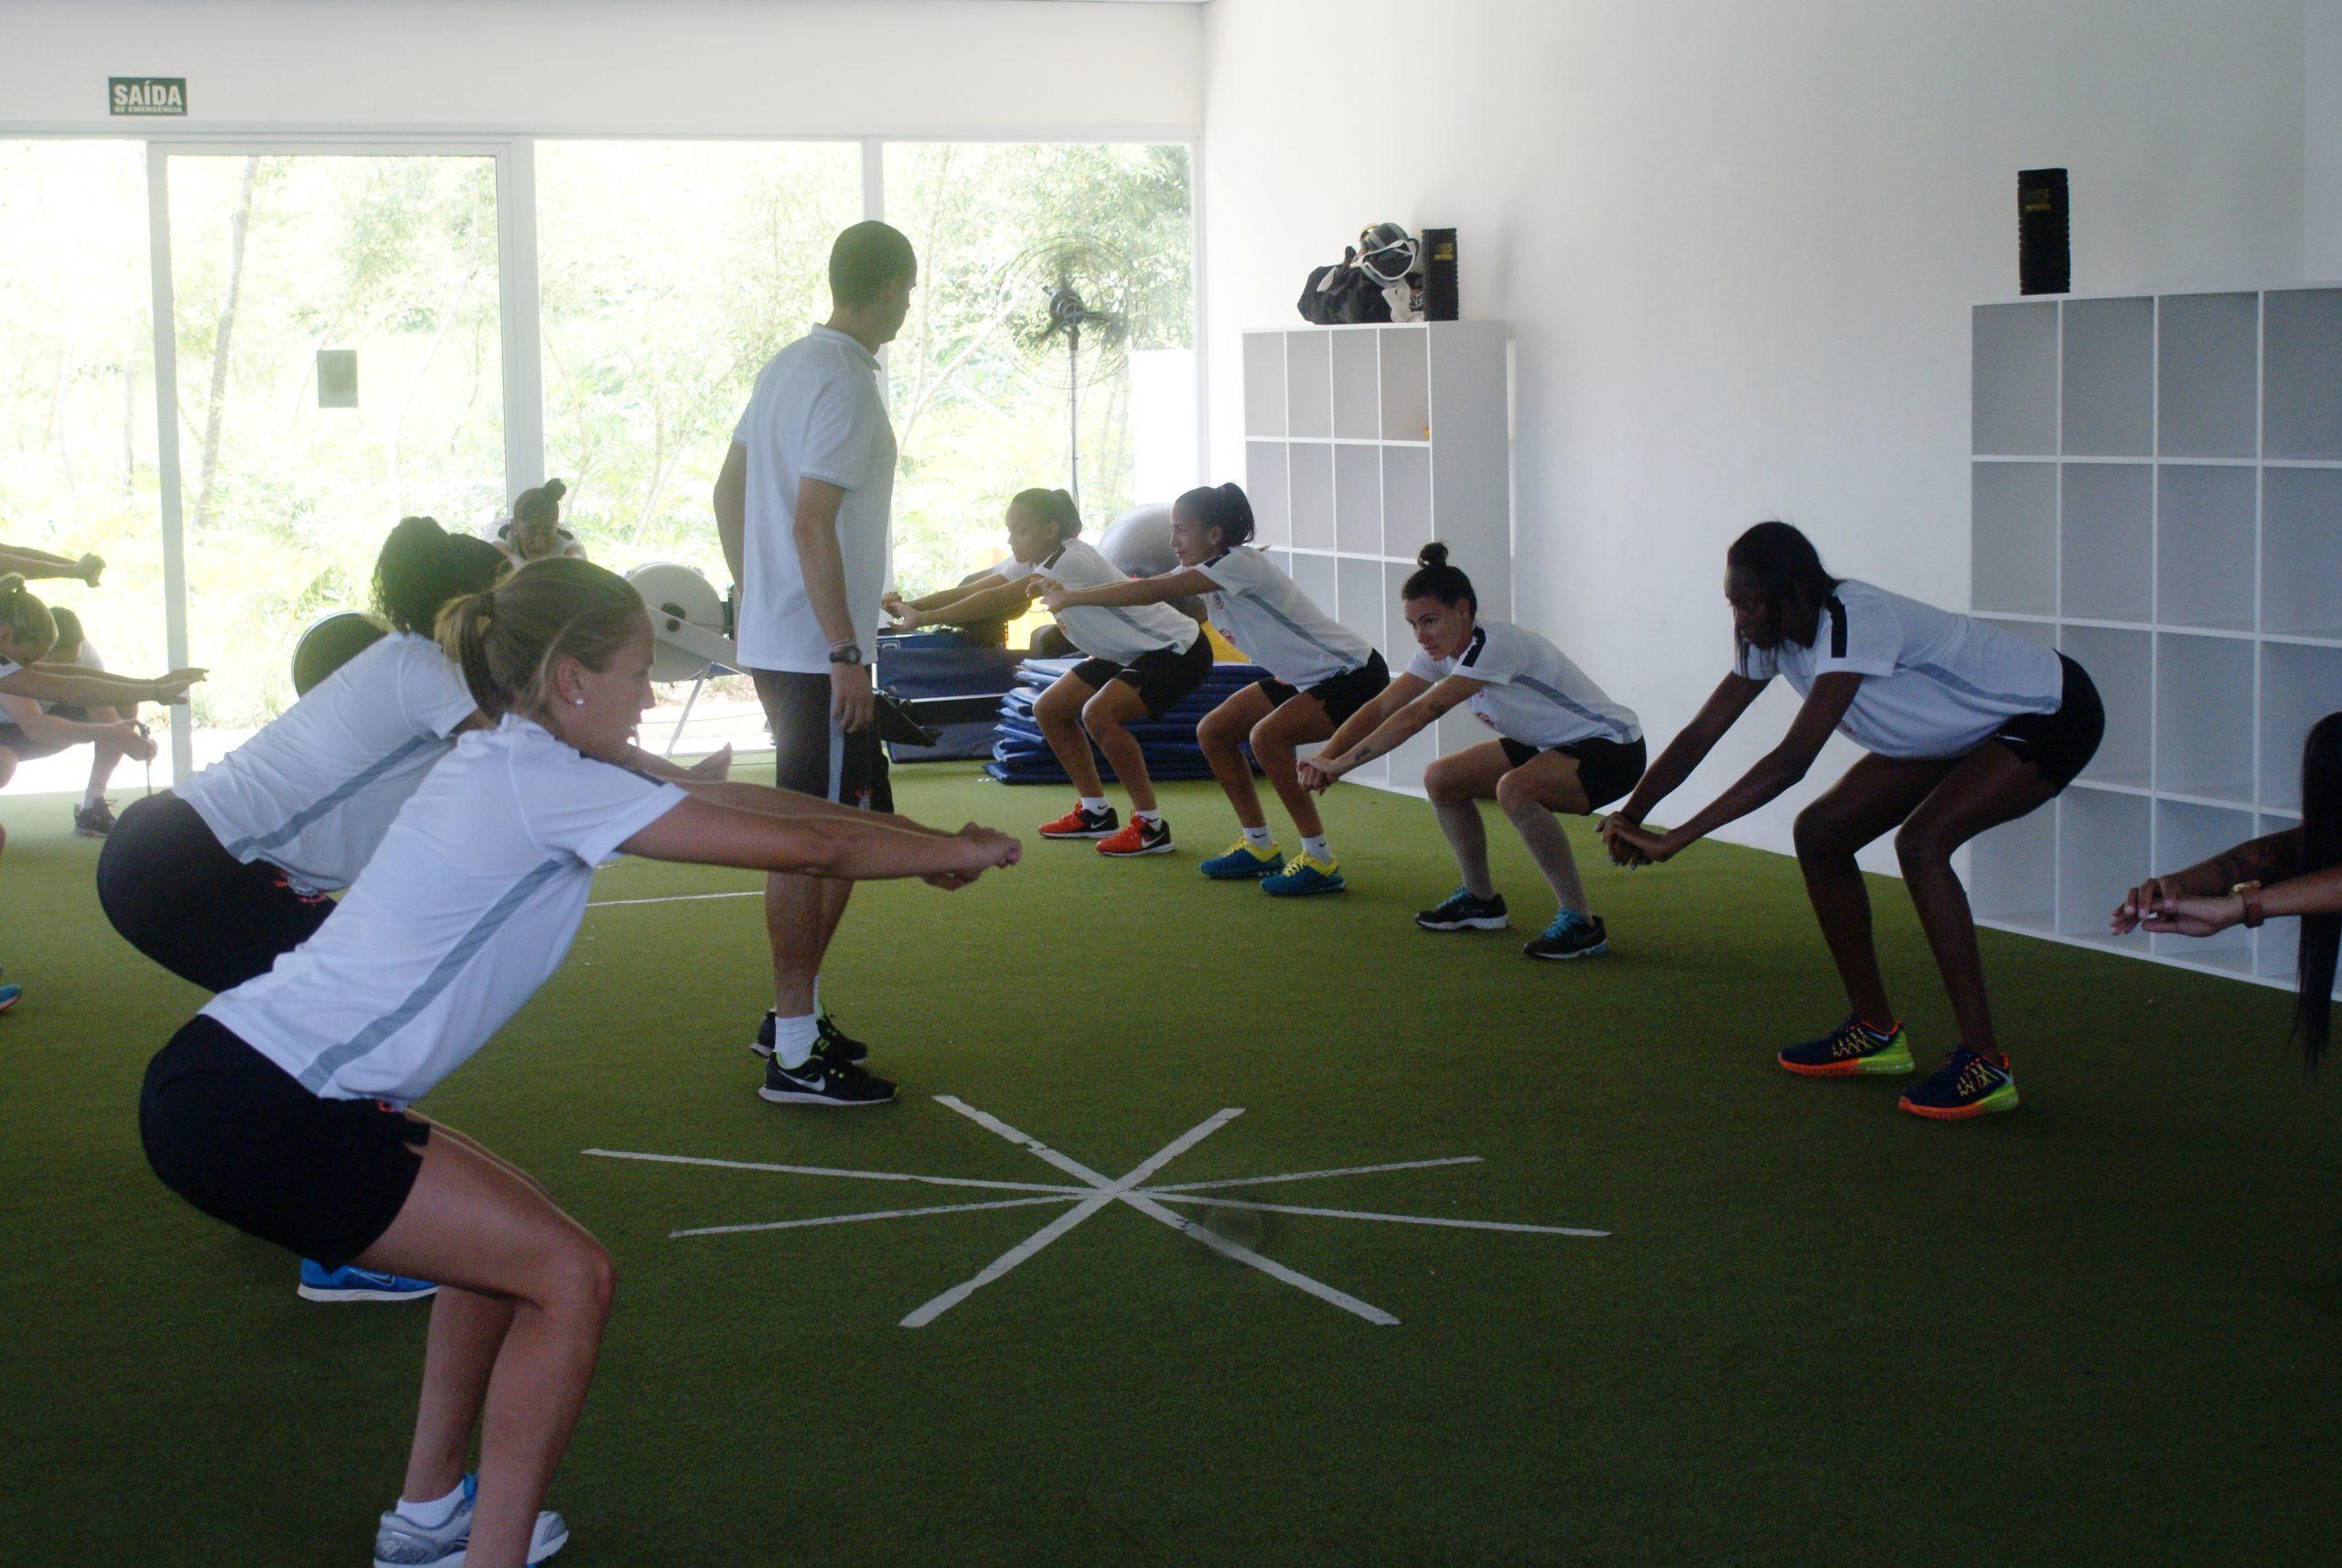 NAR continua estudo científico com atletas de futebol do Corinthians Osasco Audax